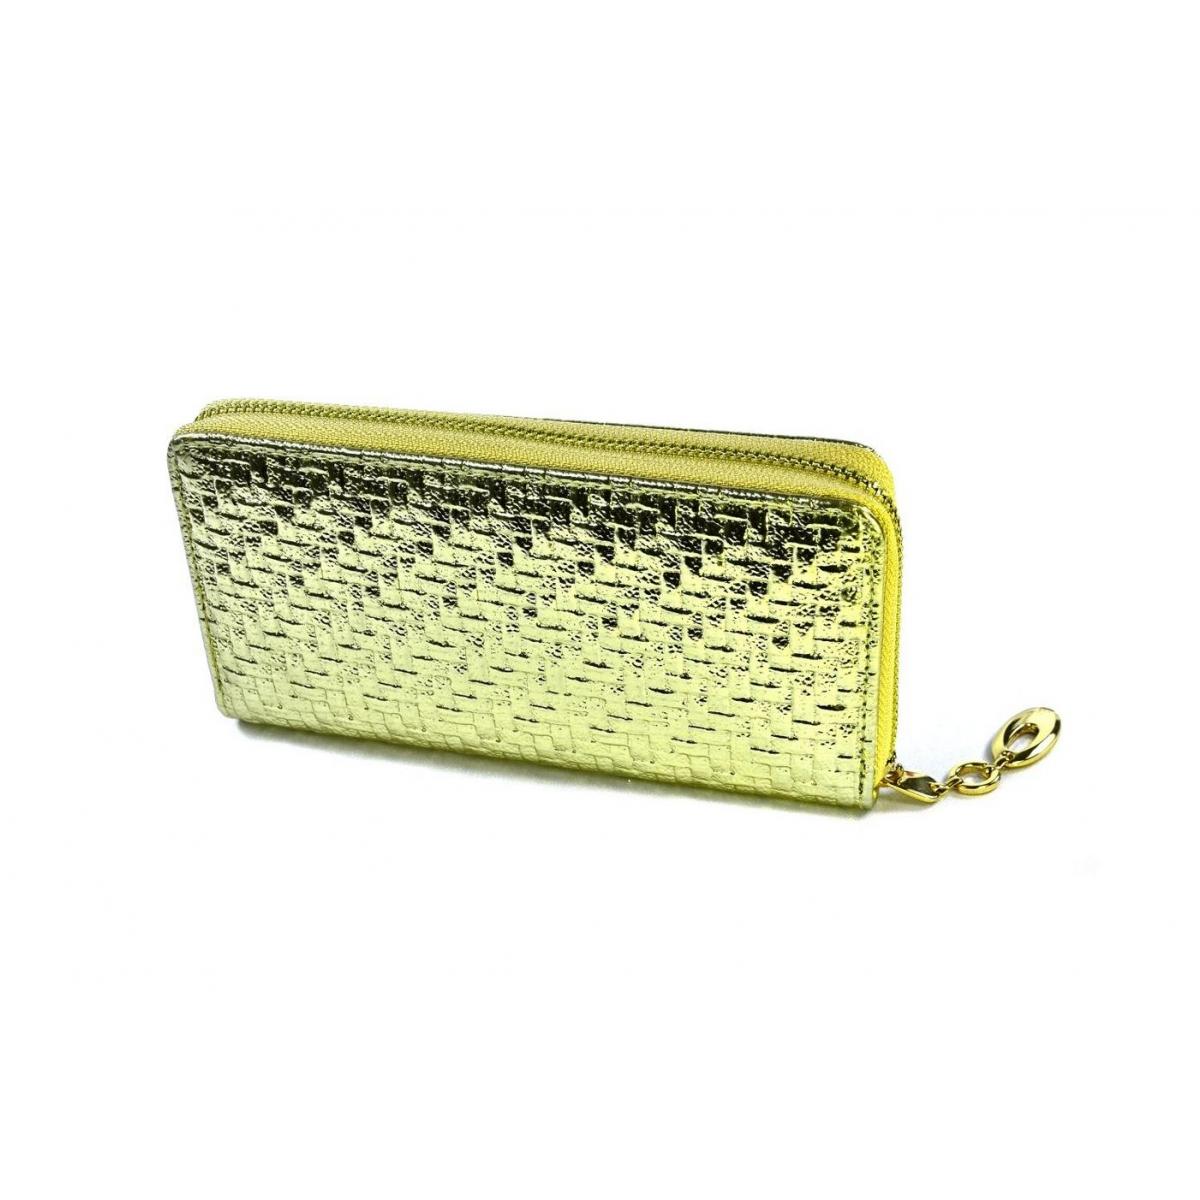 Dámska zlatá peňaženka FIORENTINA - 2 b6bd82e0243